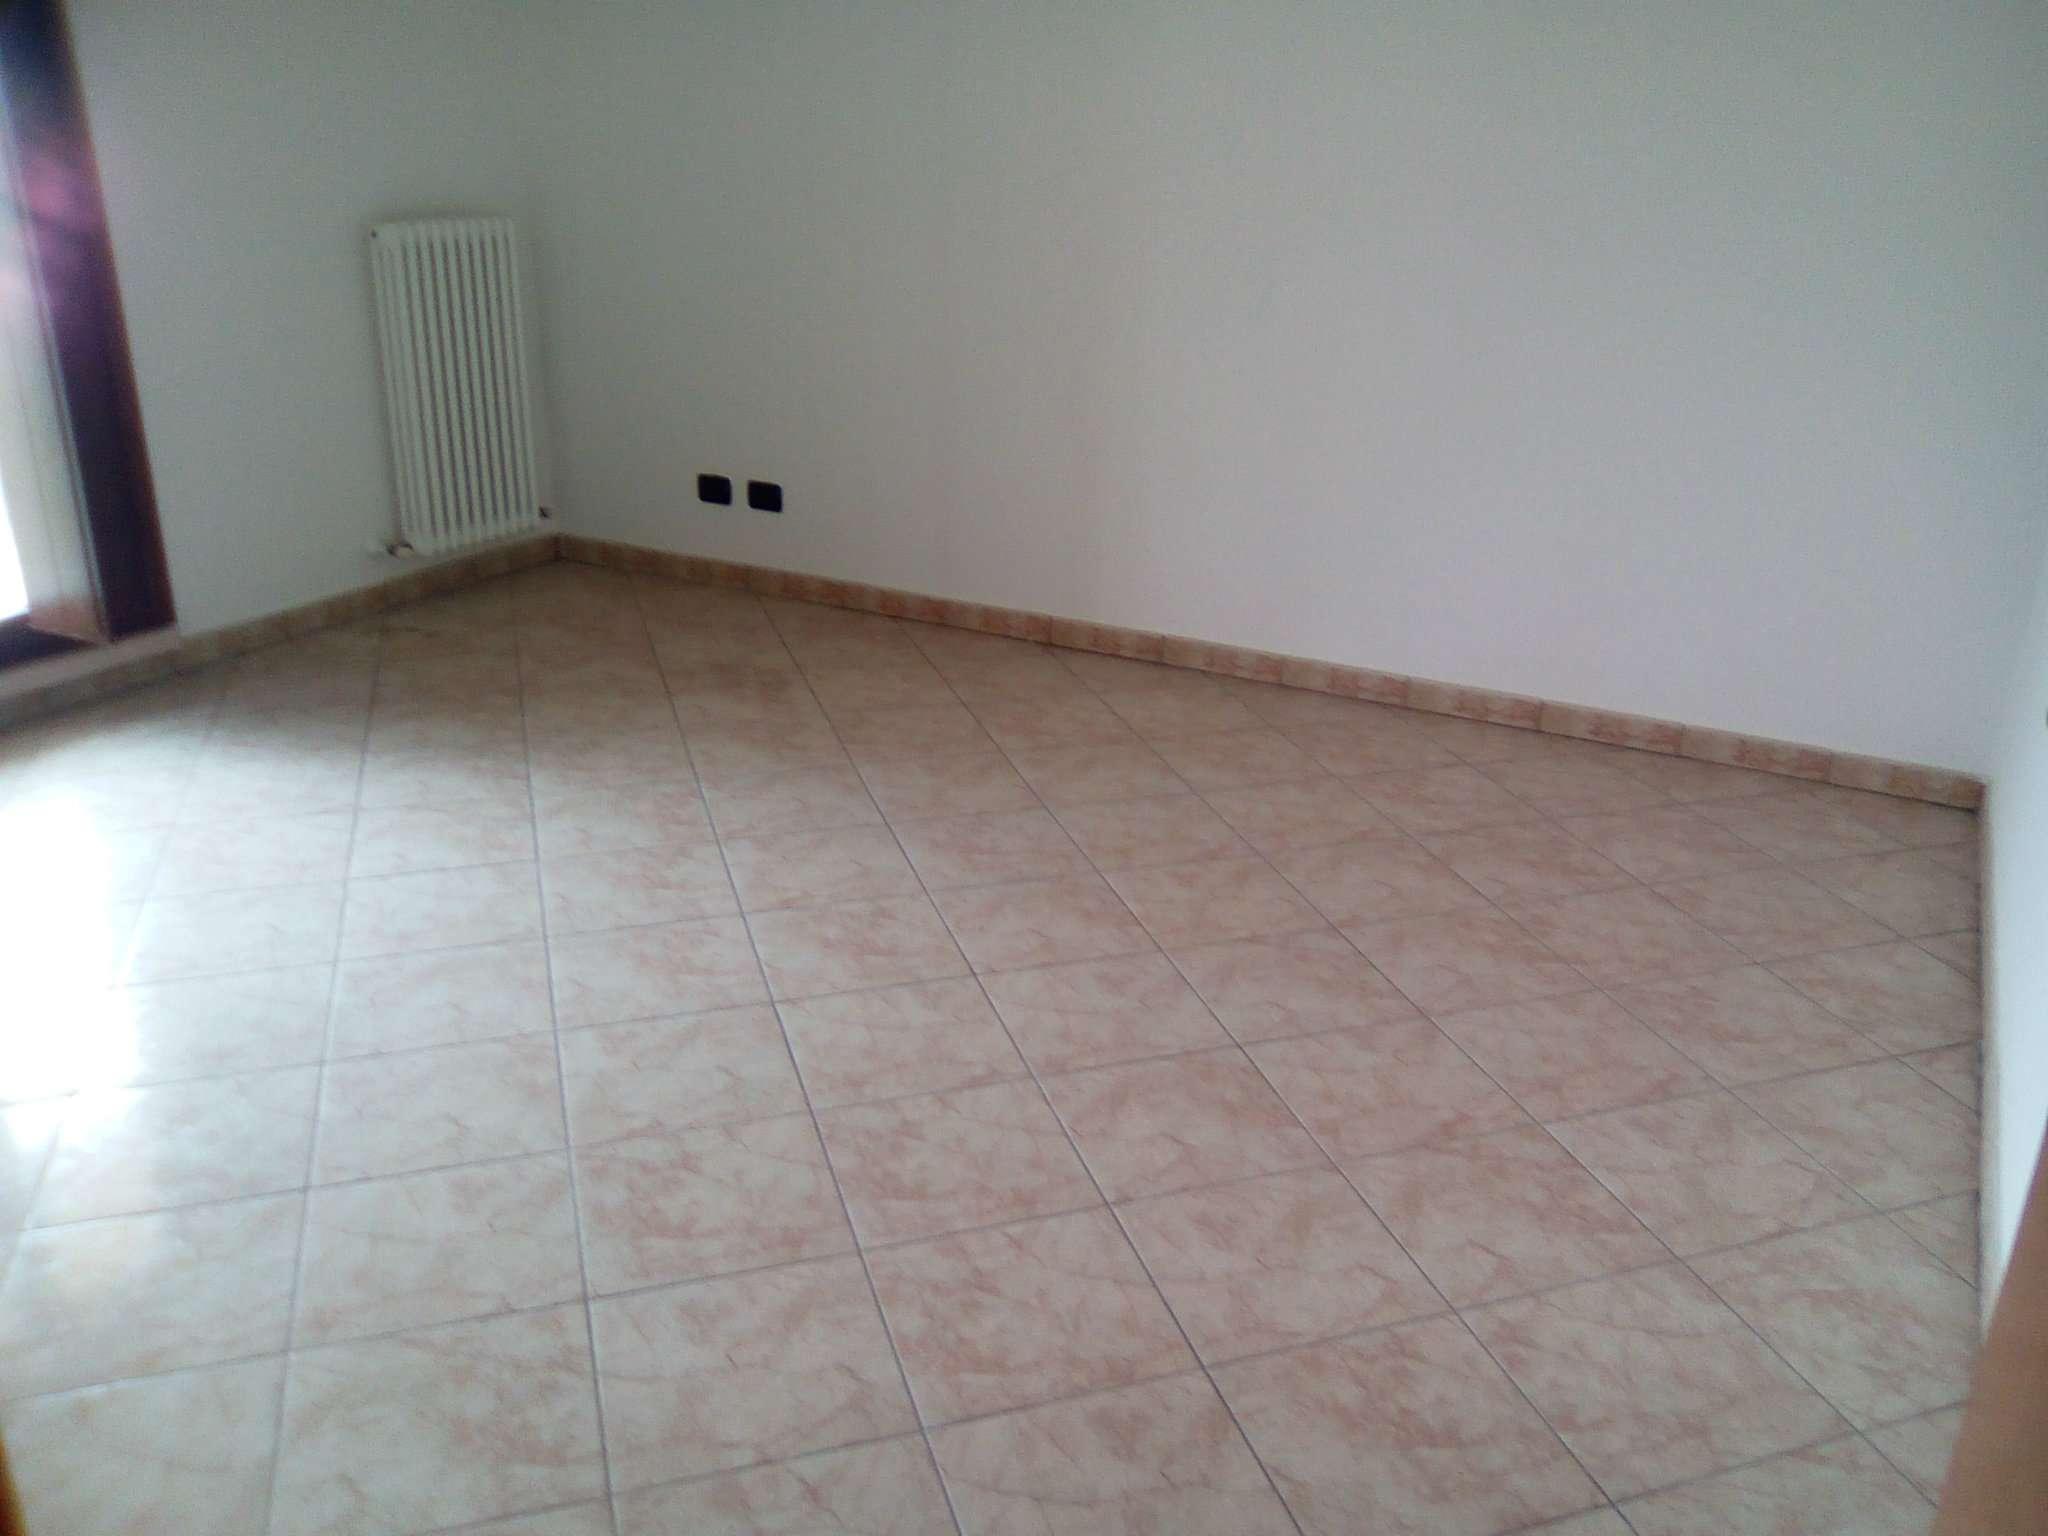 Appartamento in affitto a Gualtieri, 3 locali, prezzo € 350 | CambioCasa.it